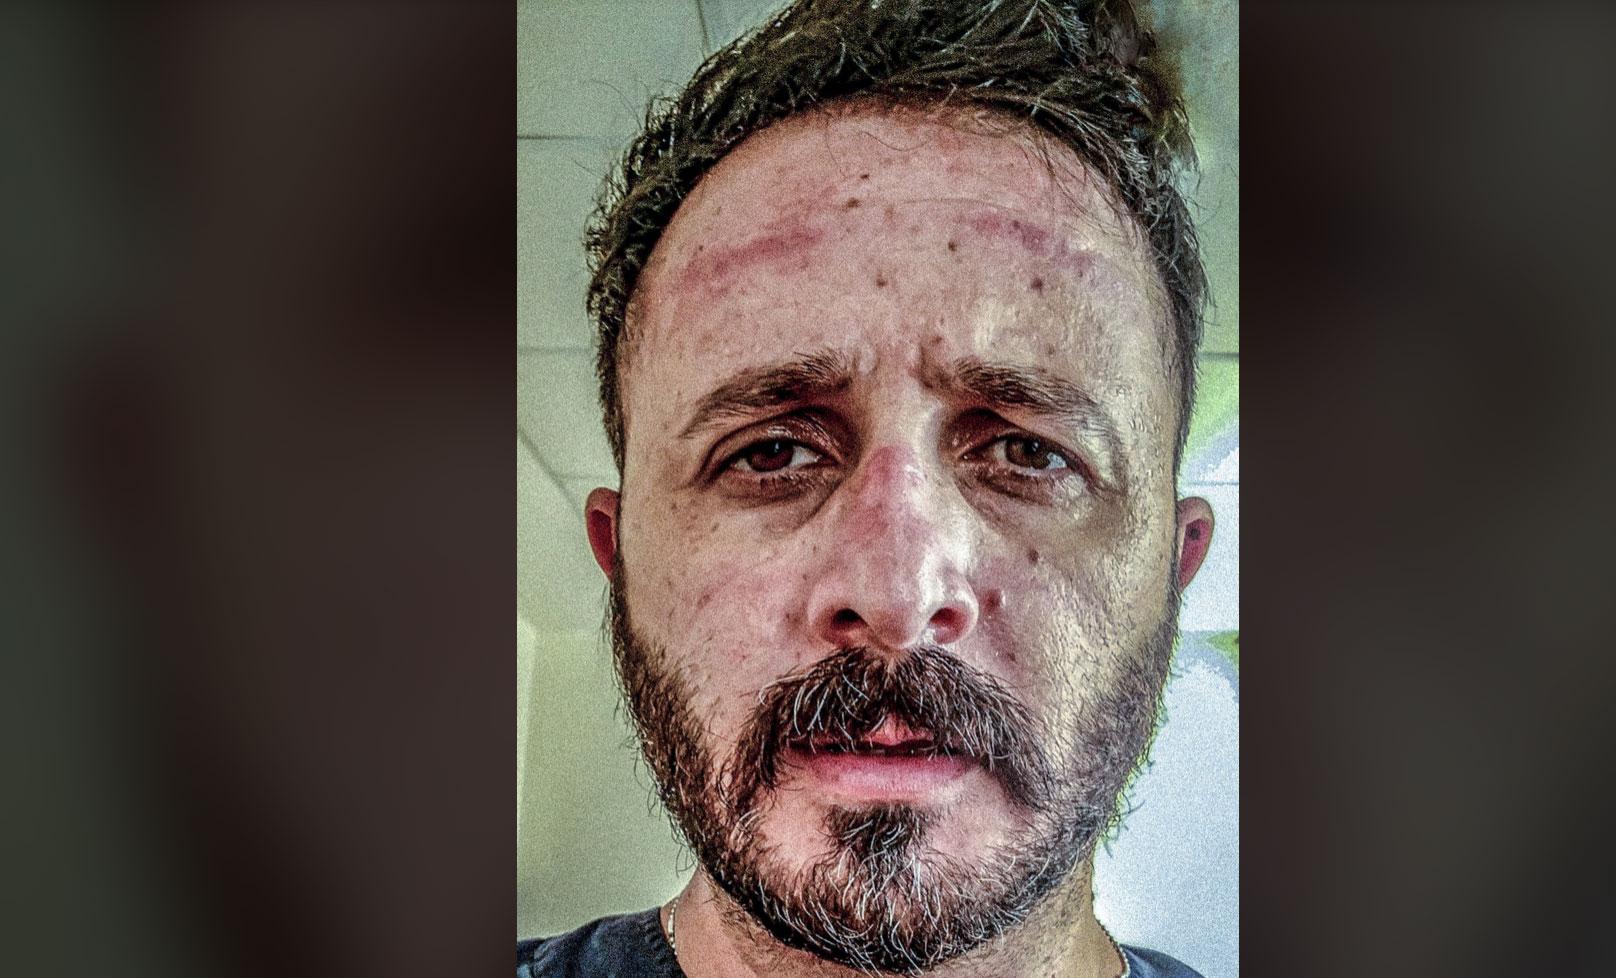 Γιατρός του ΠΑΓΝΗ: Γκρινιάζετε για τις μάσκες κι εμείς δεν έχουμε!